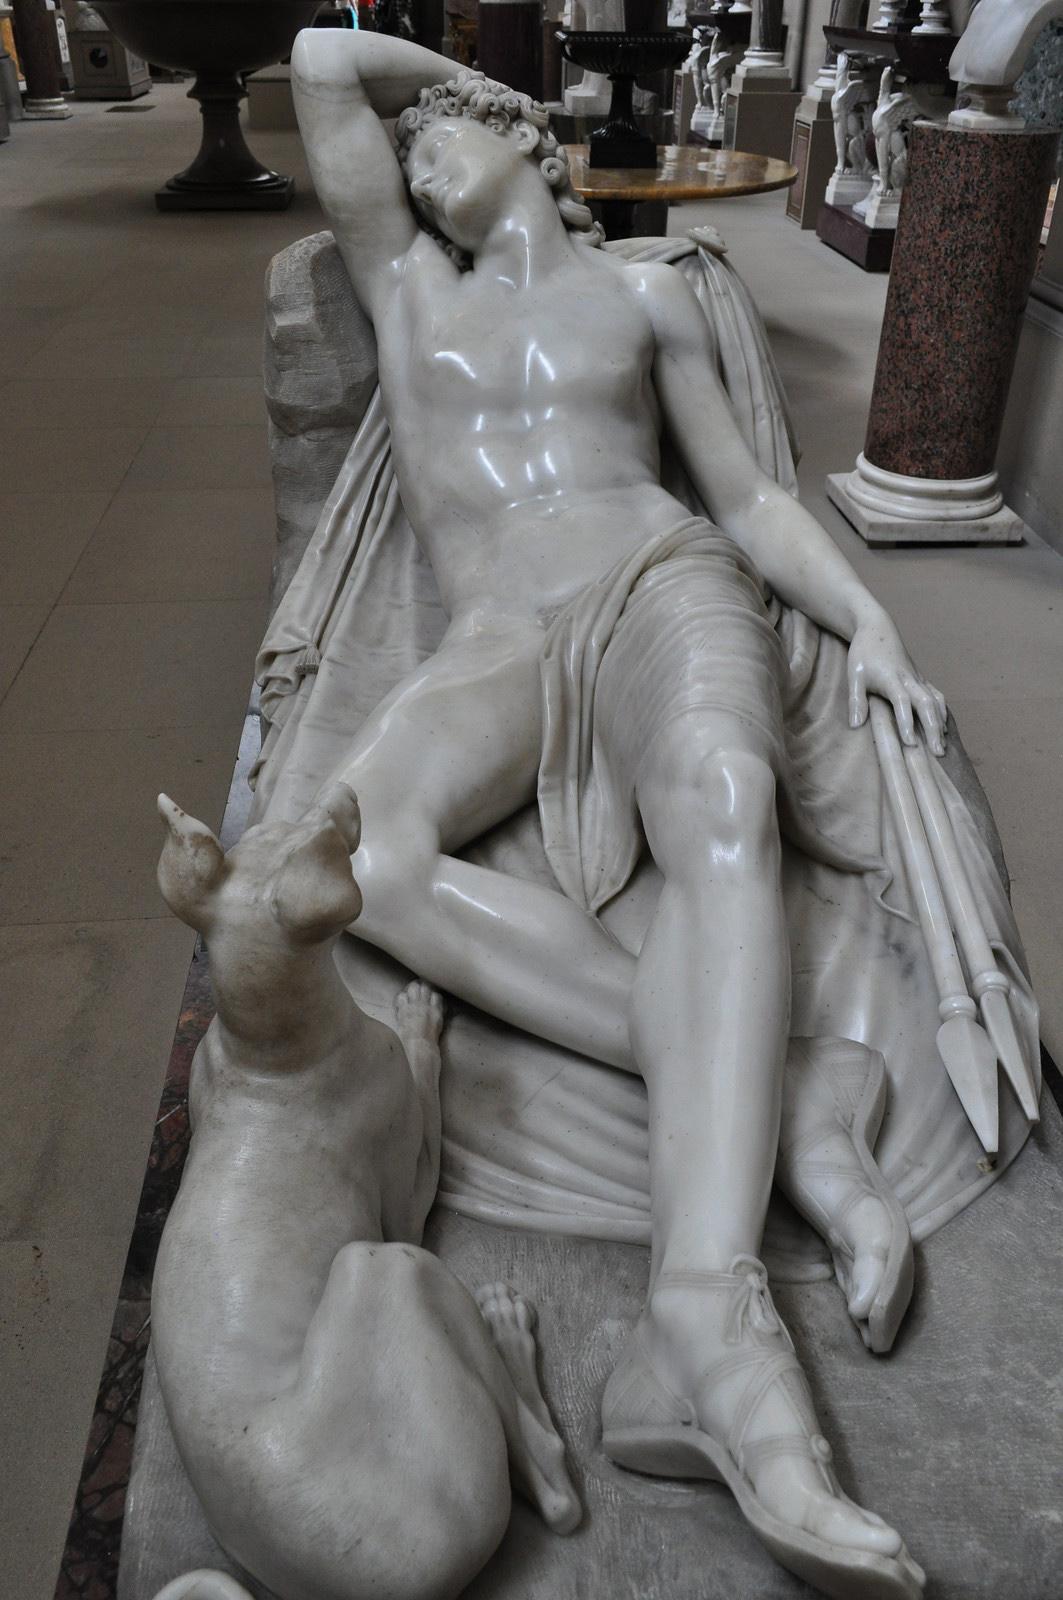 Galerie de sculpture, Chatsworth House